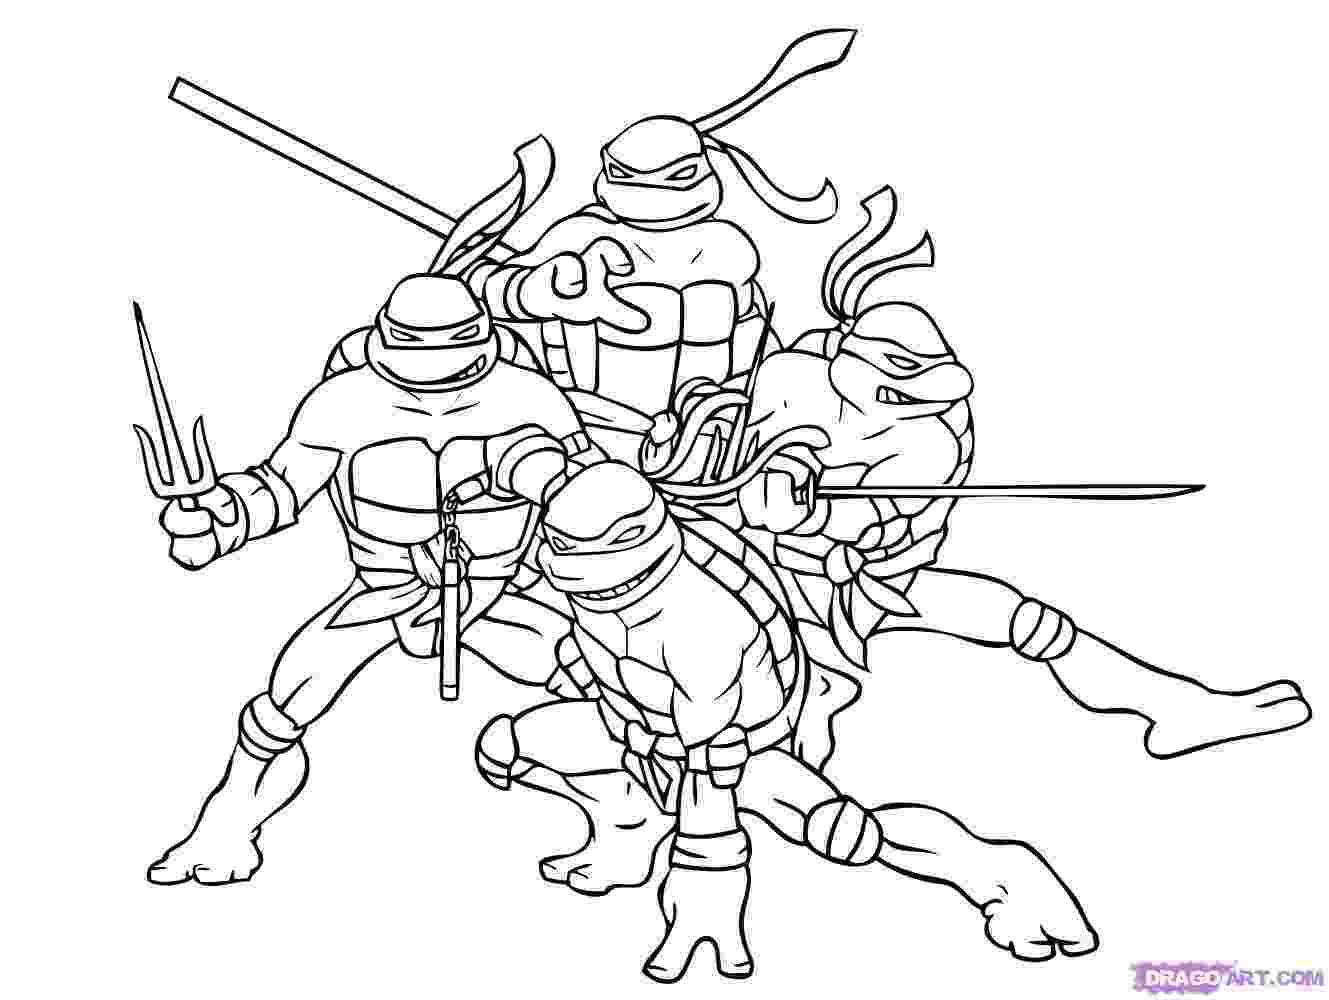 colouring pages ninja turtles teenage mutant ninja turtles coloring pages print them pages colouring turtles ninja